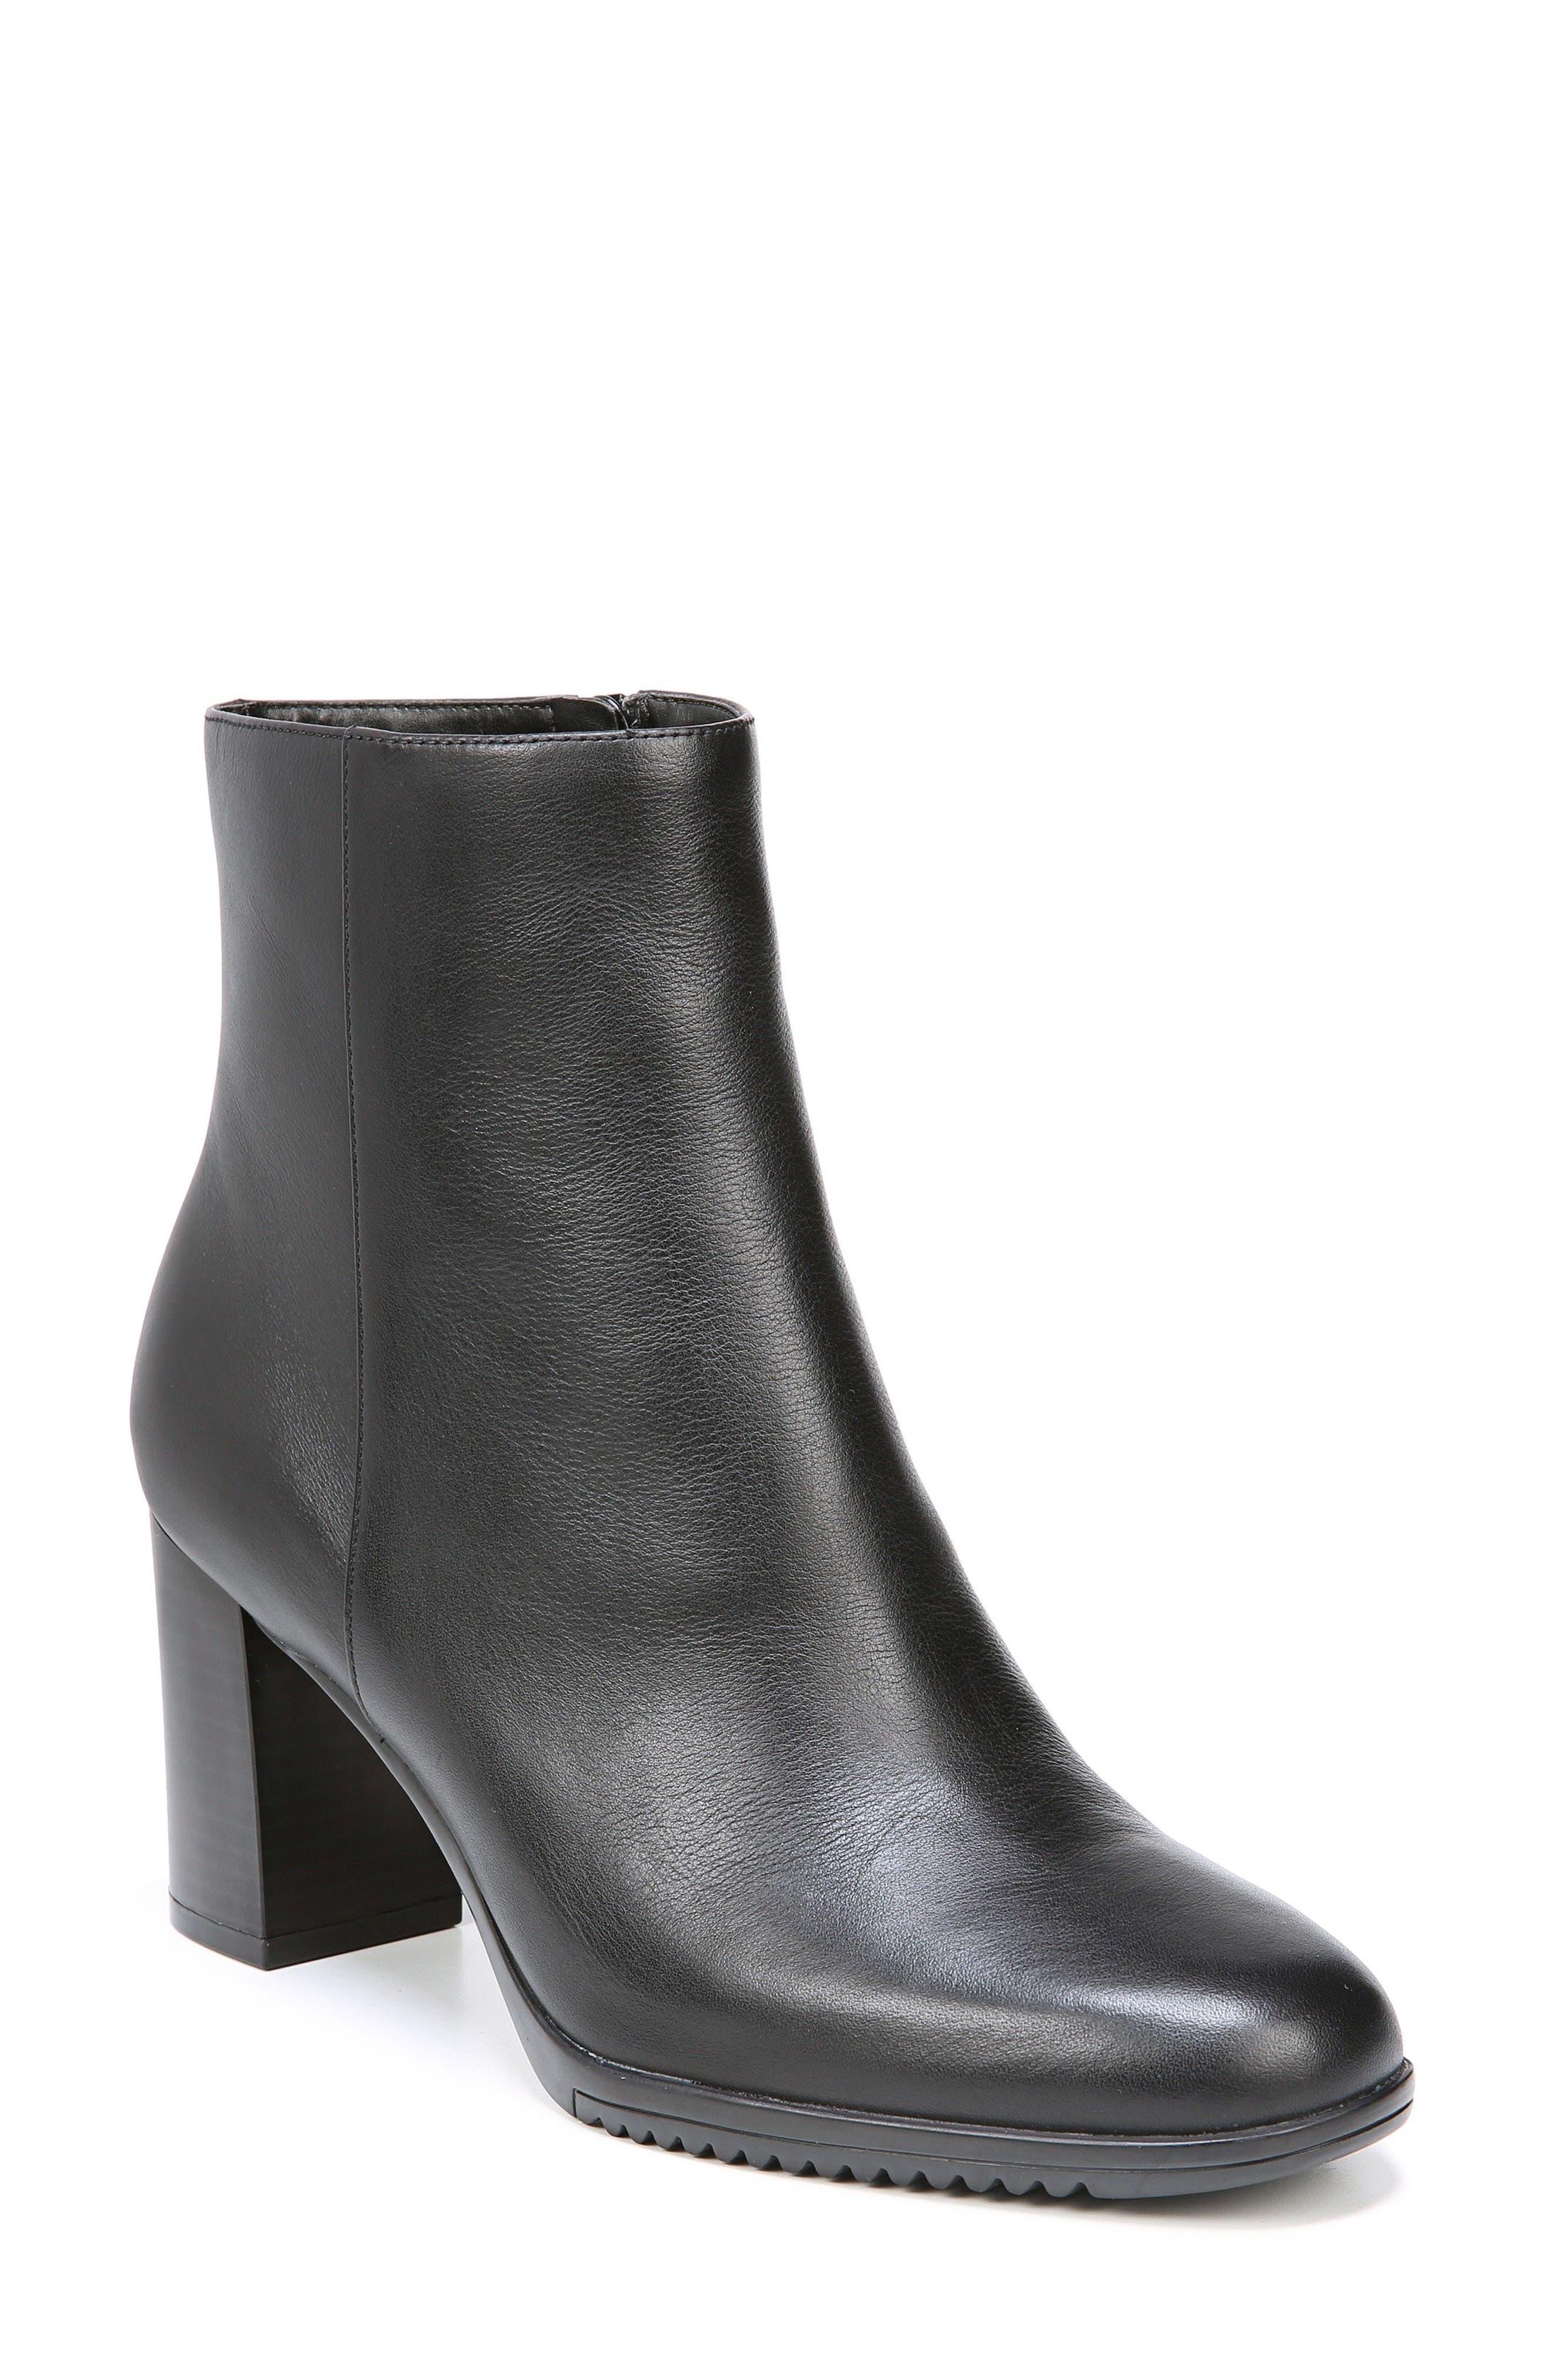 Sadie Waterproof Bootie,                         Main,                         color, Black Leather